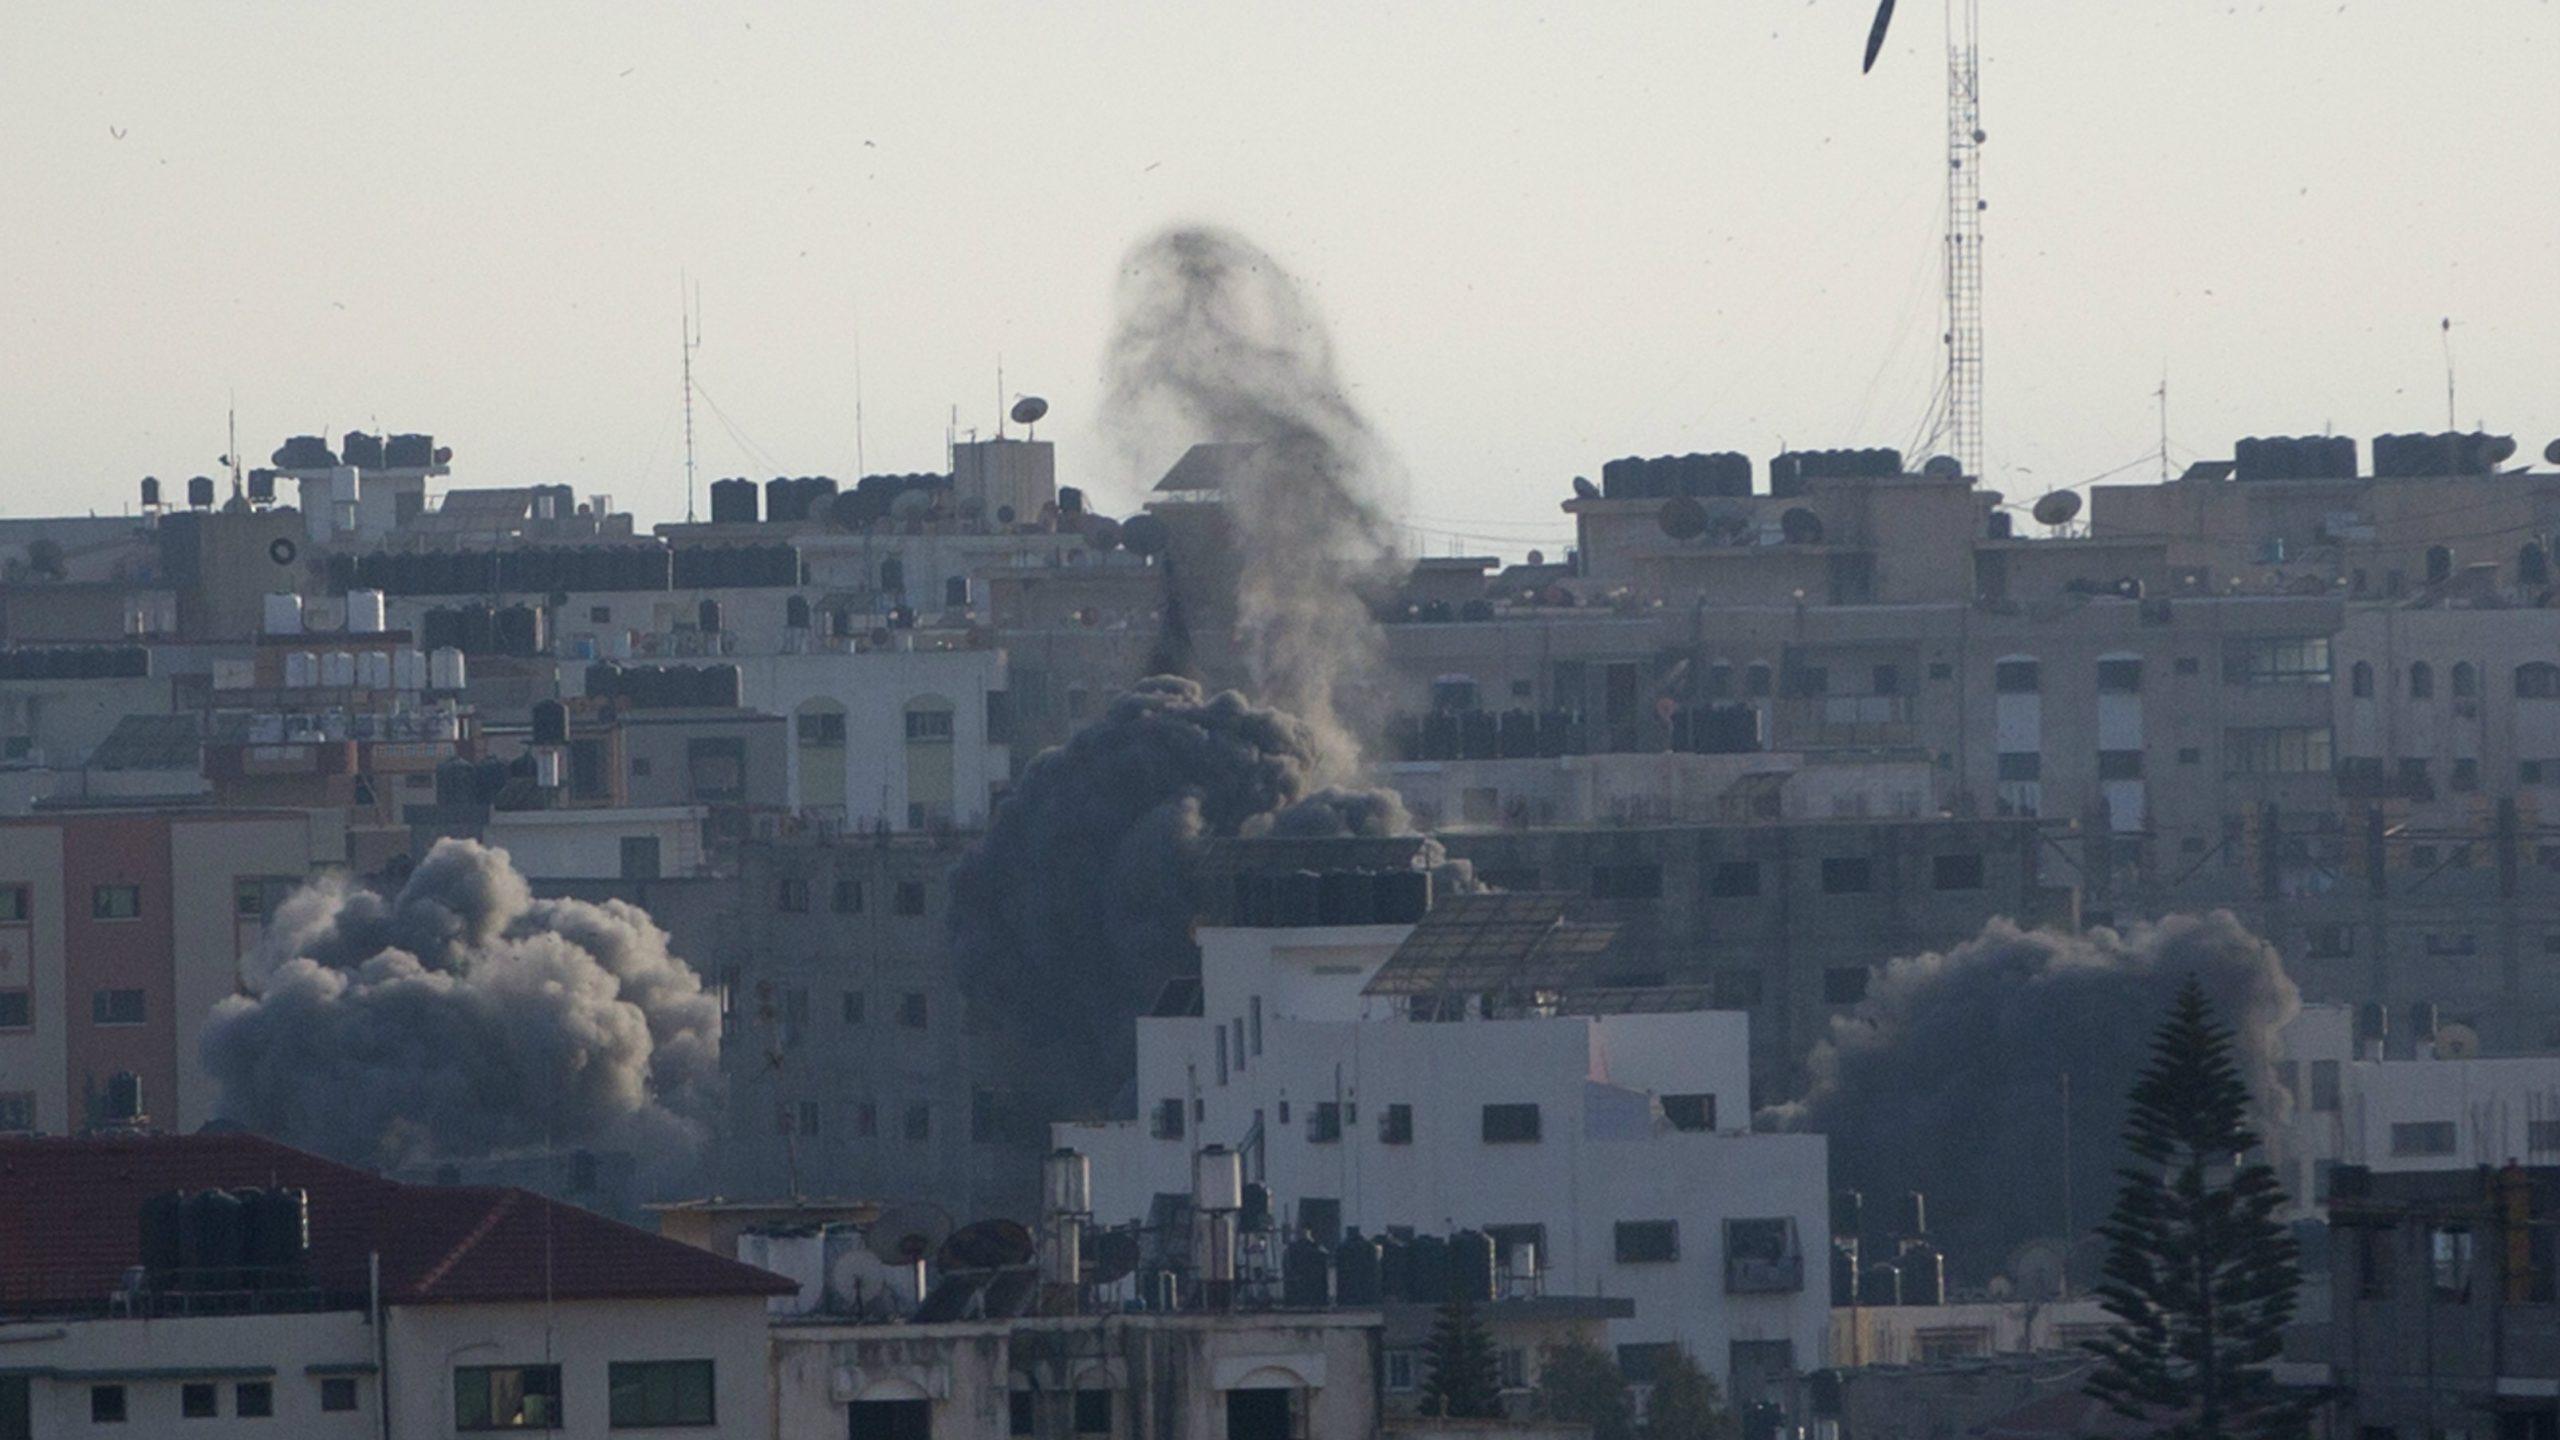 Zvaničnici u Gazi nastavljaju da rade sutra, posle prekida sukoba sa Izraelom 1